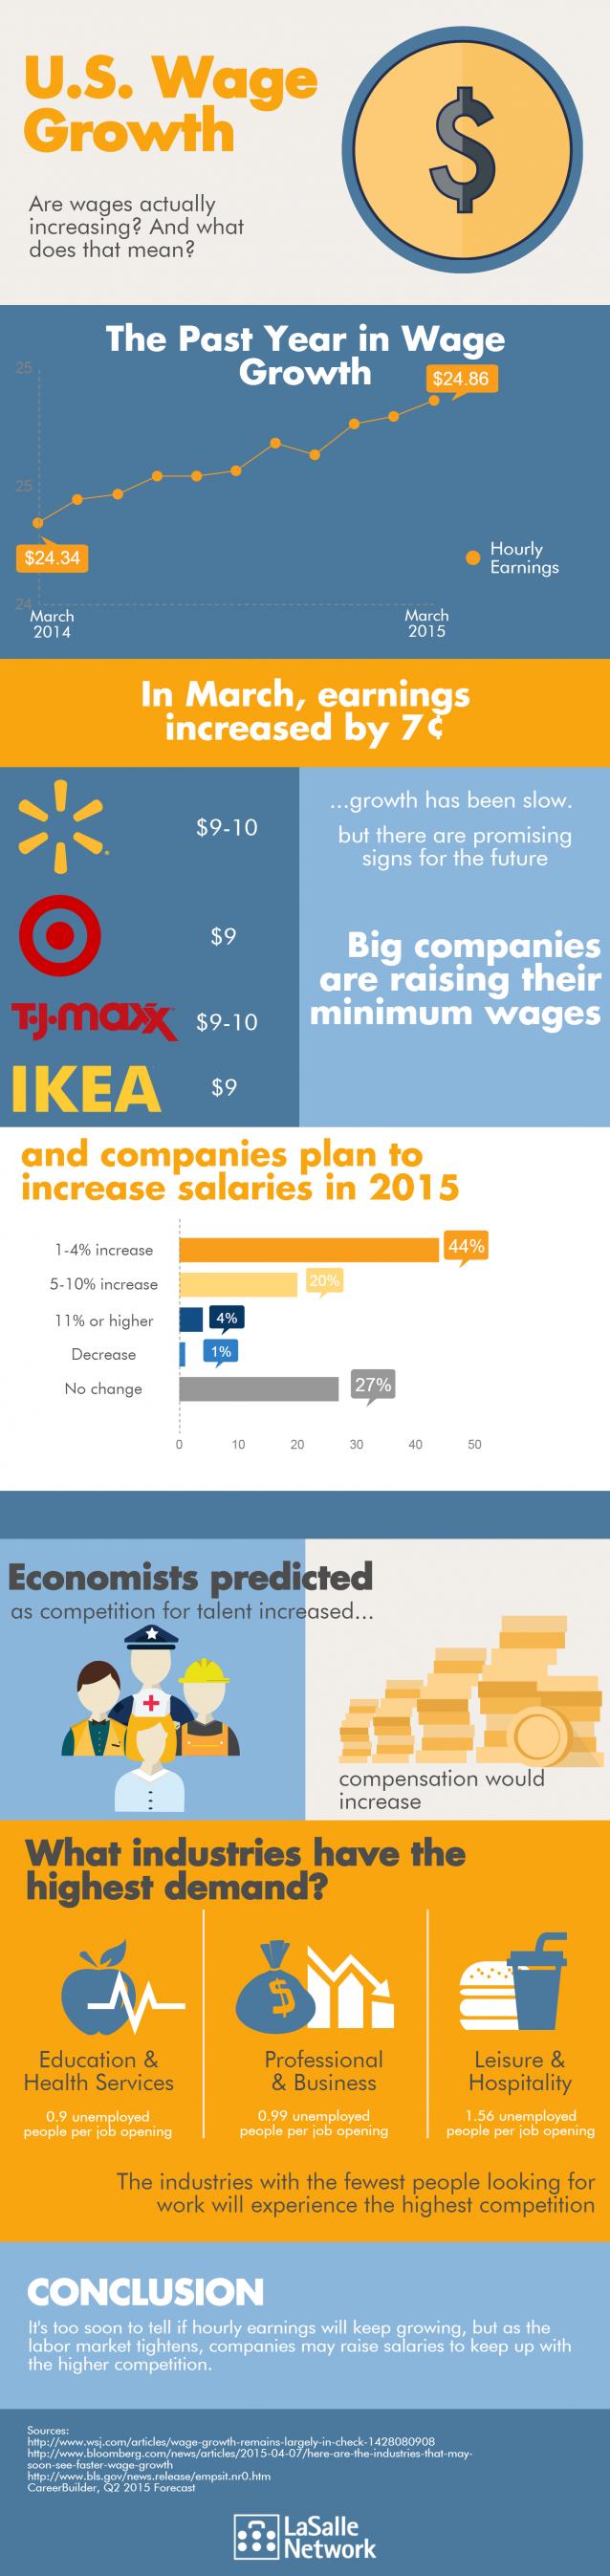 UR Wage Growth (3)